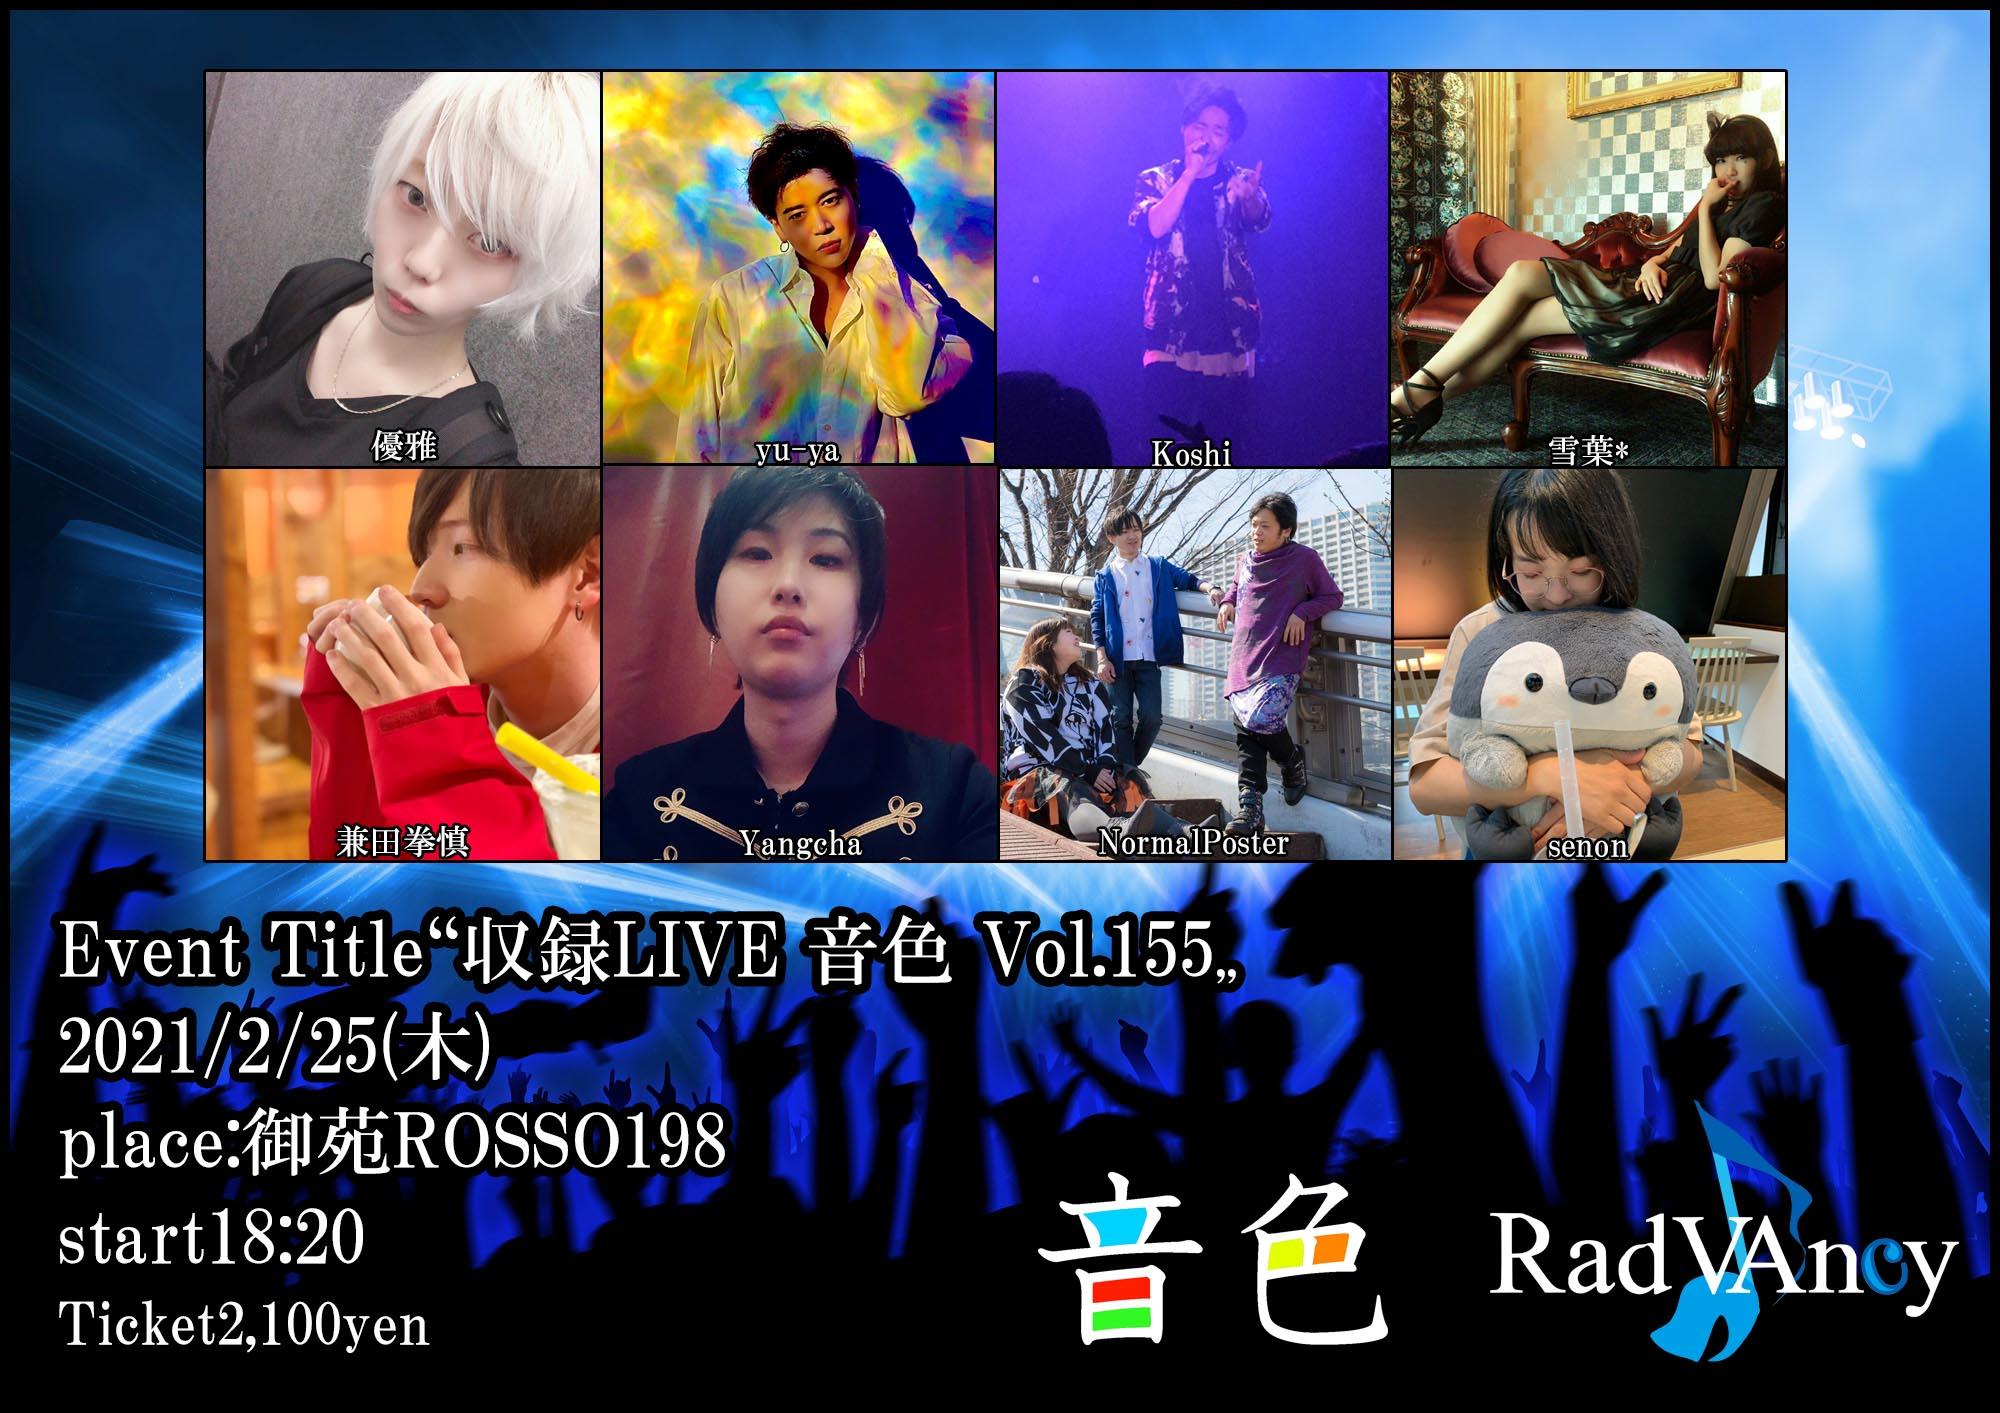 収録LIVE 音色 Vol.155